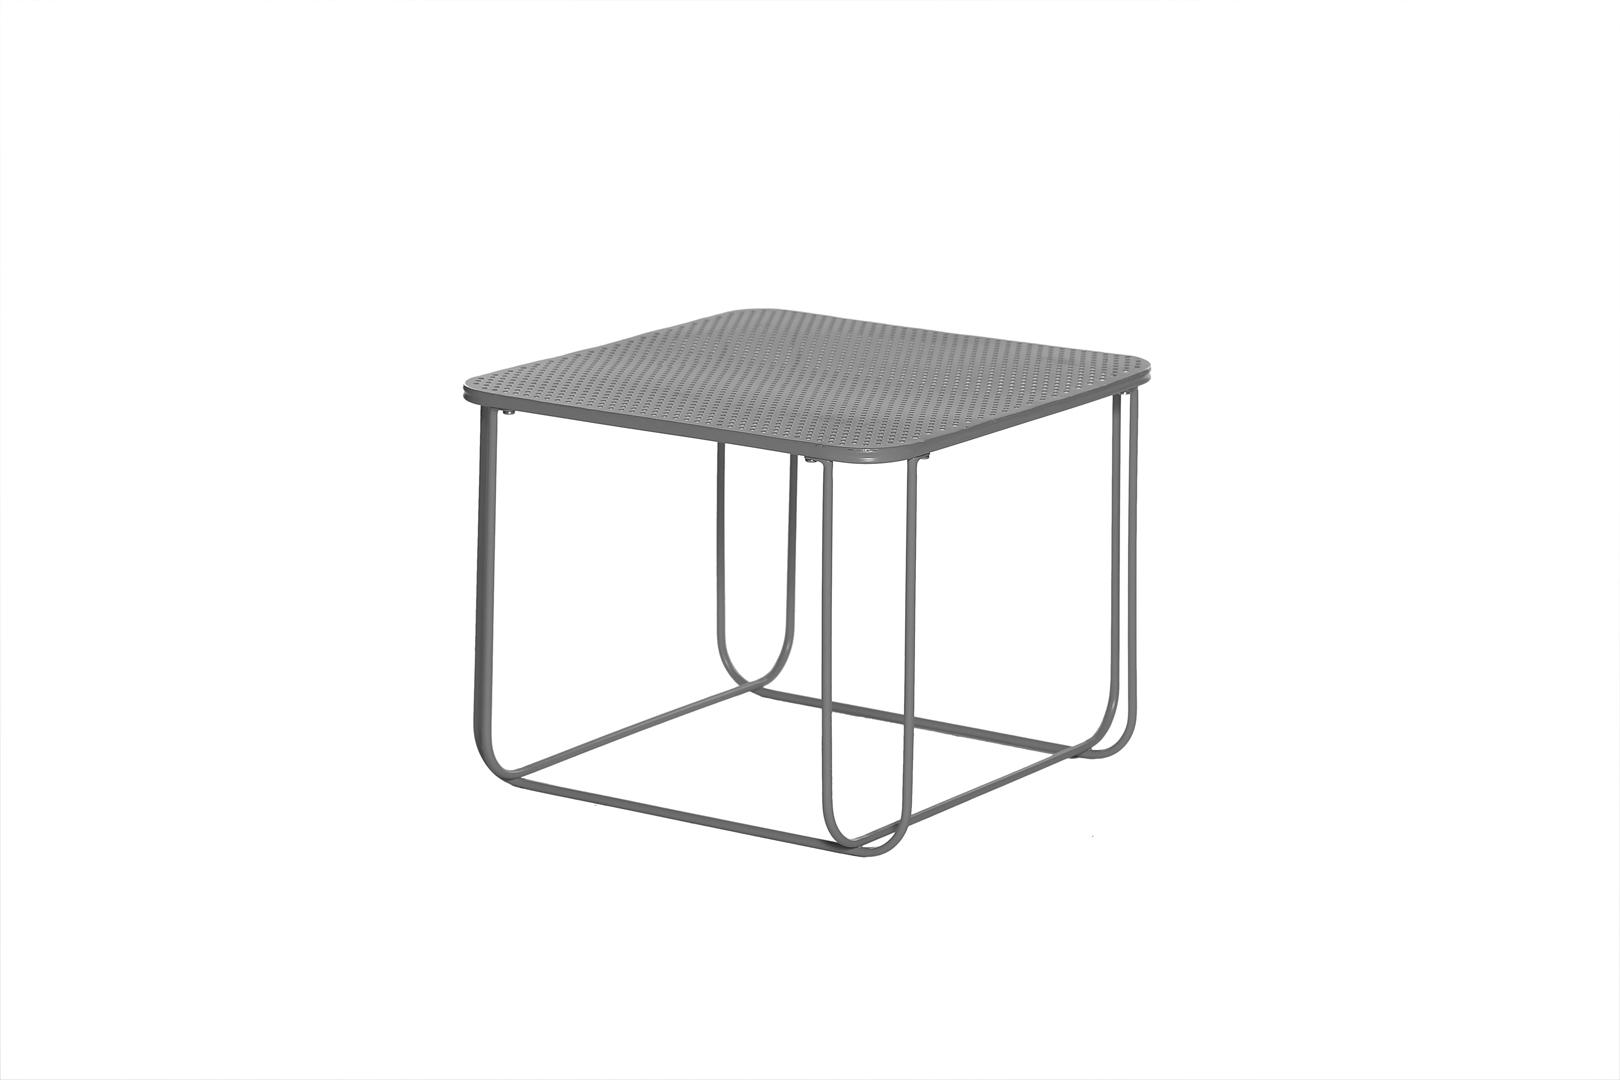 Table basse carrée design en métal anthracite Focus